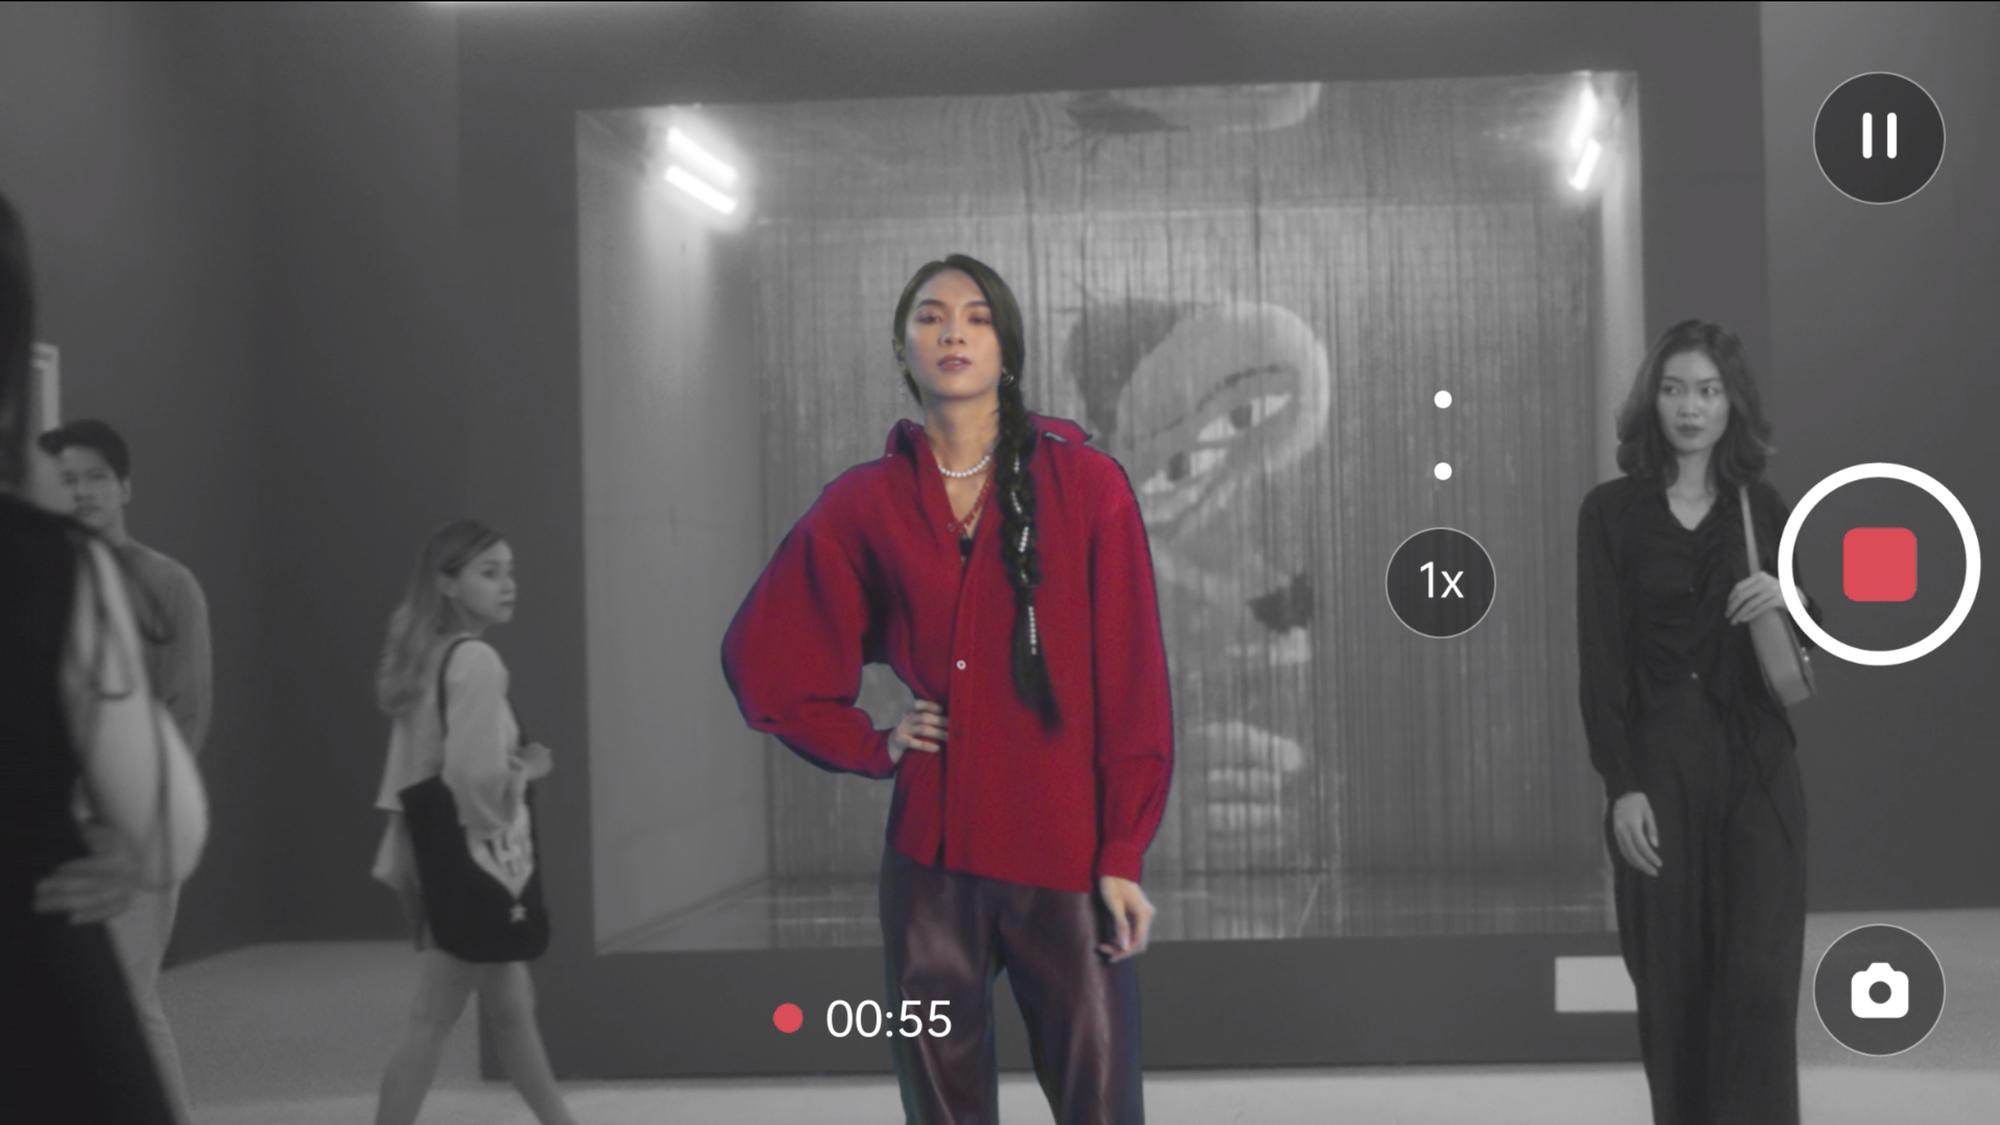 Điểm danh 4 nhân vật xuất hiện trong clip truyền cảm hứng khác biệt cùng Sơn Tùng M-TP - Ảnh 4.